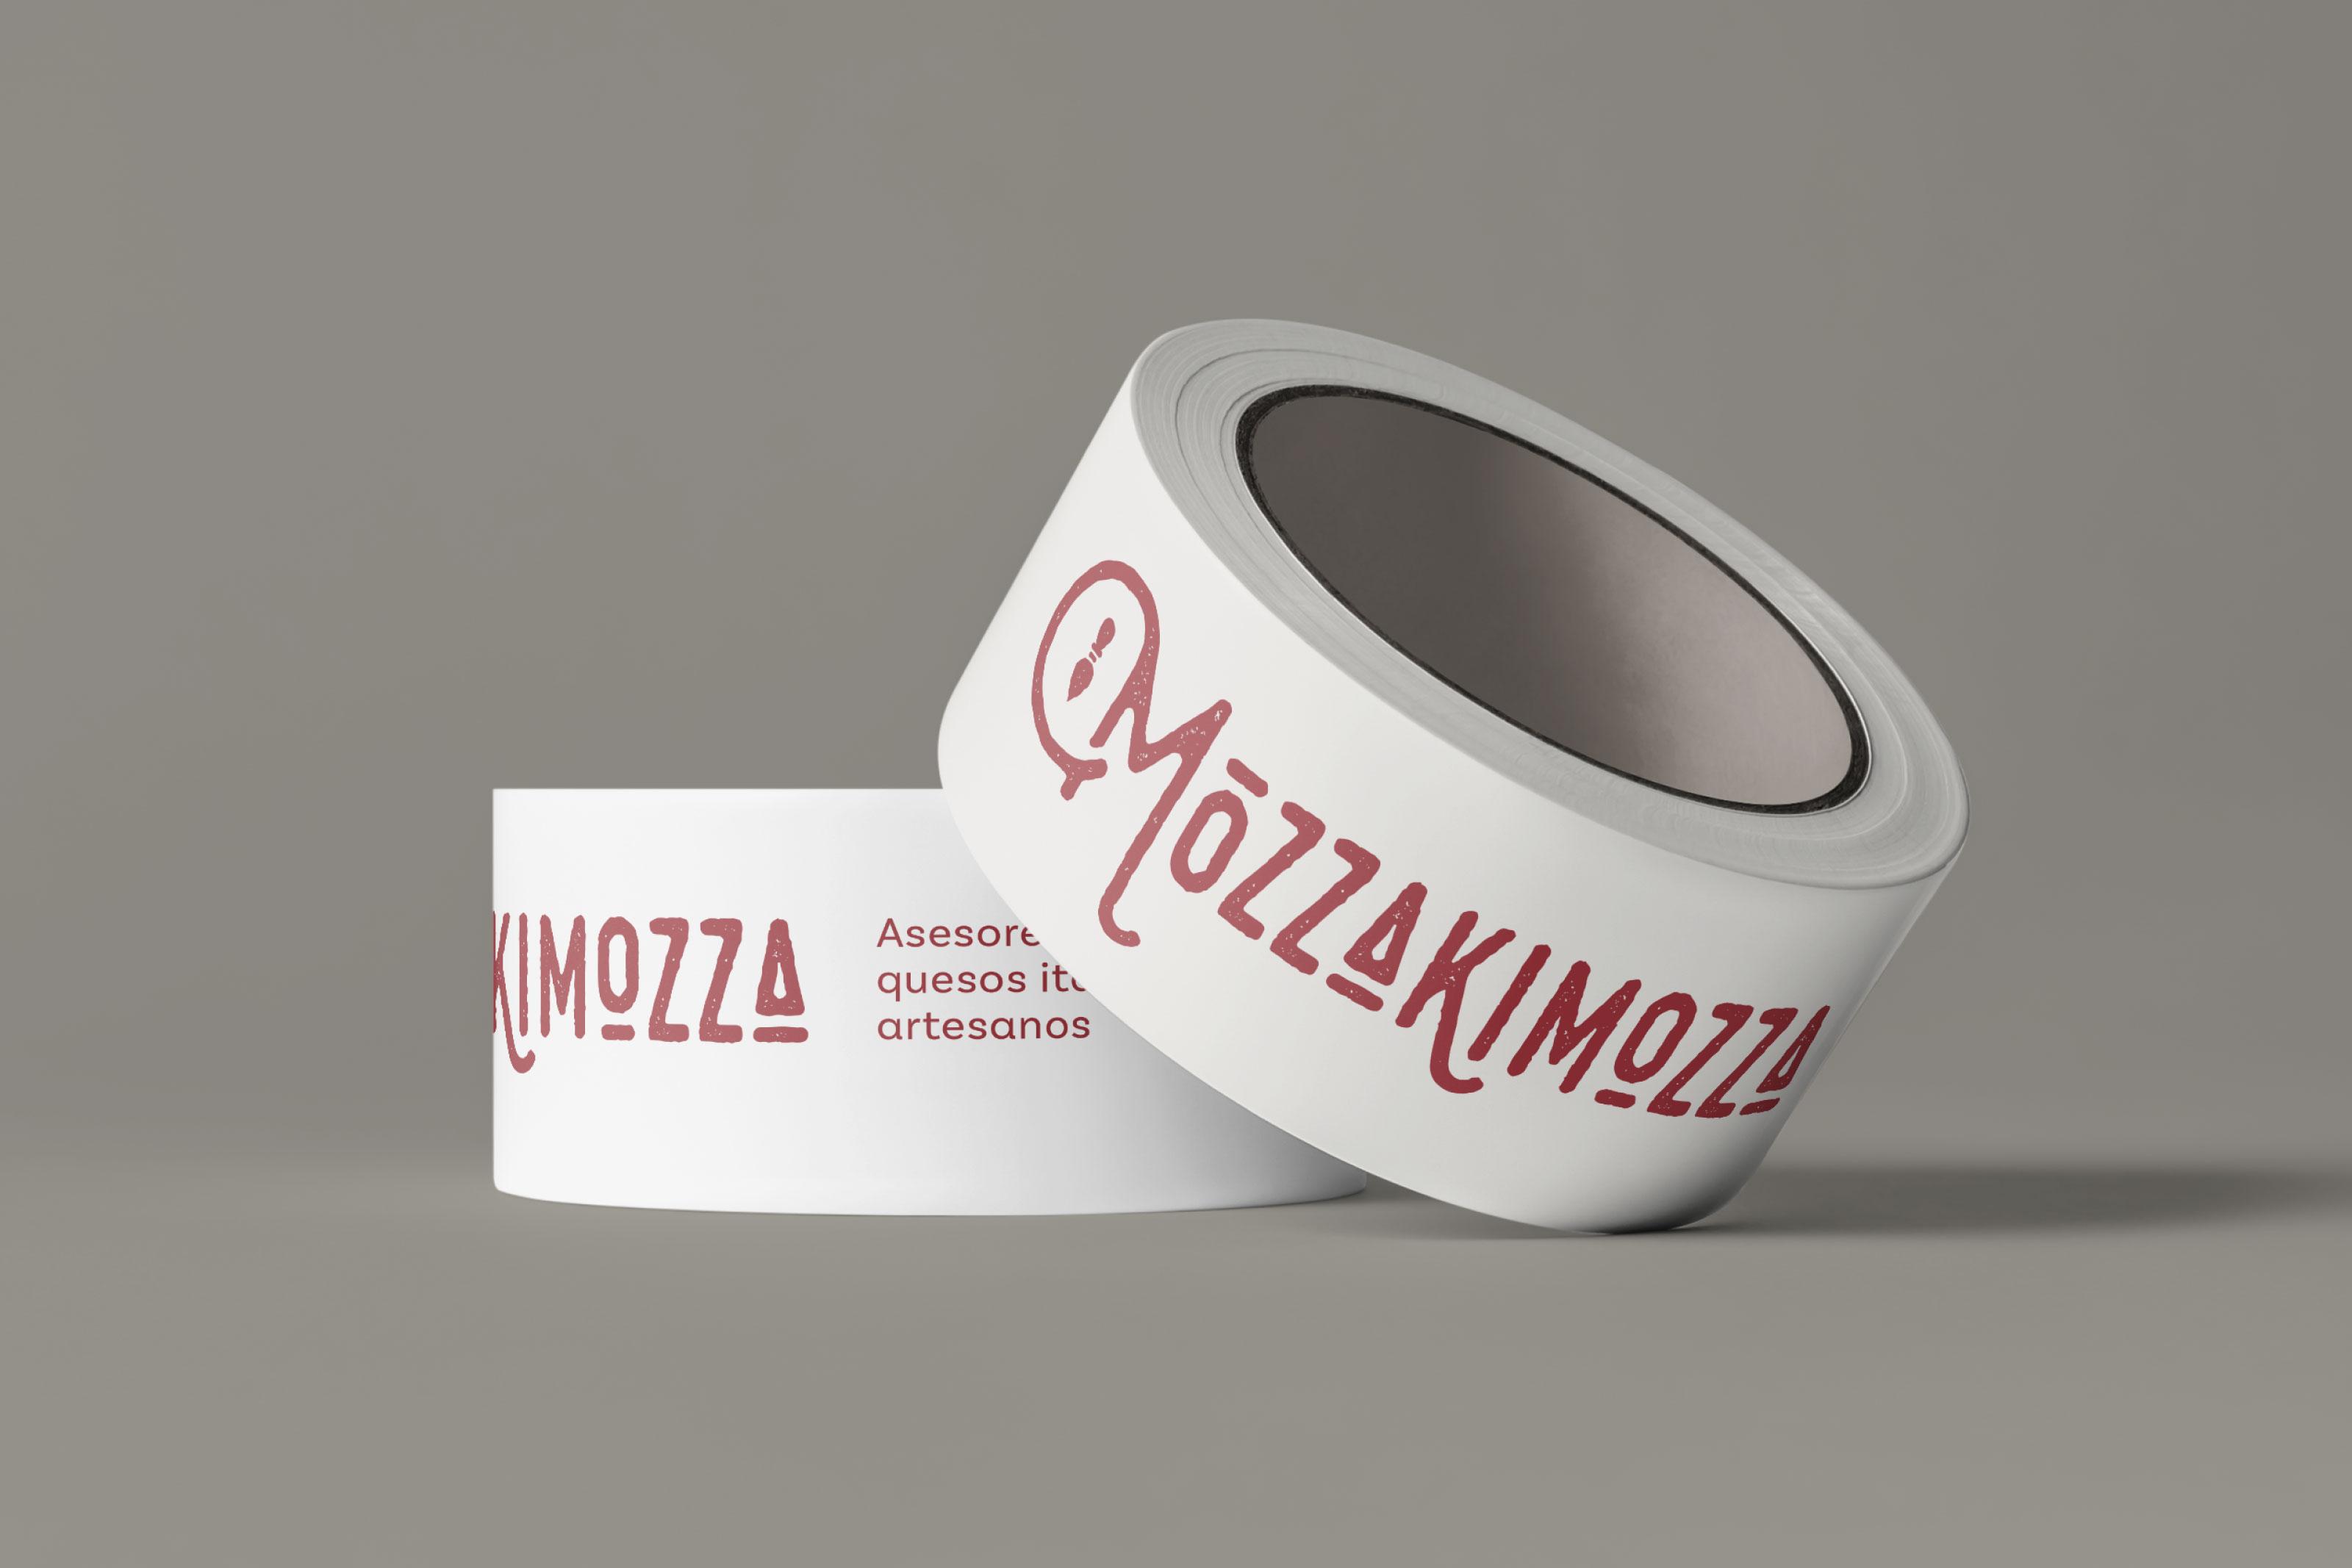 rediseño-logo-mozzakimozza